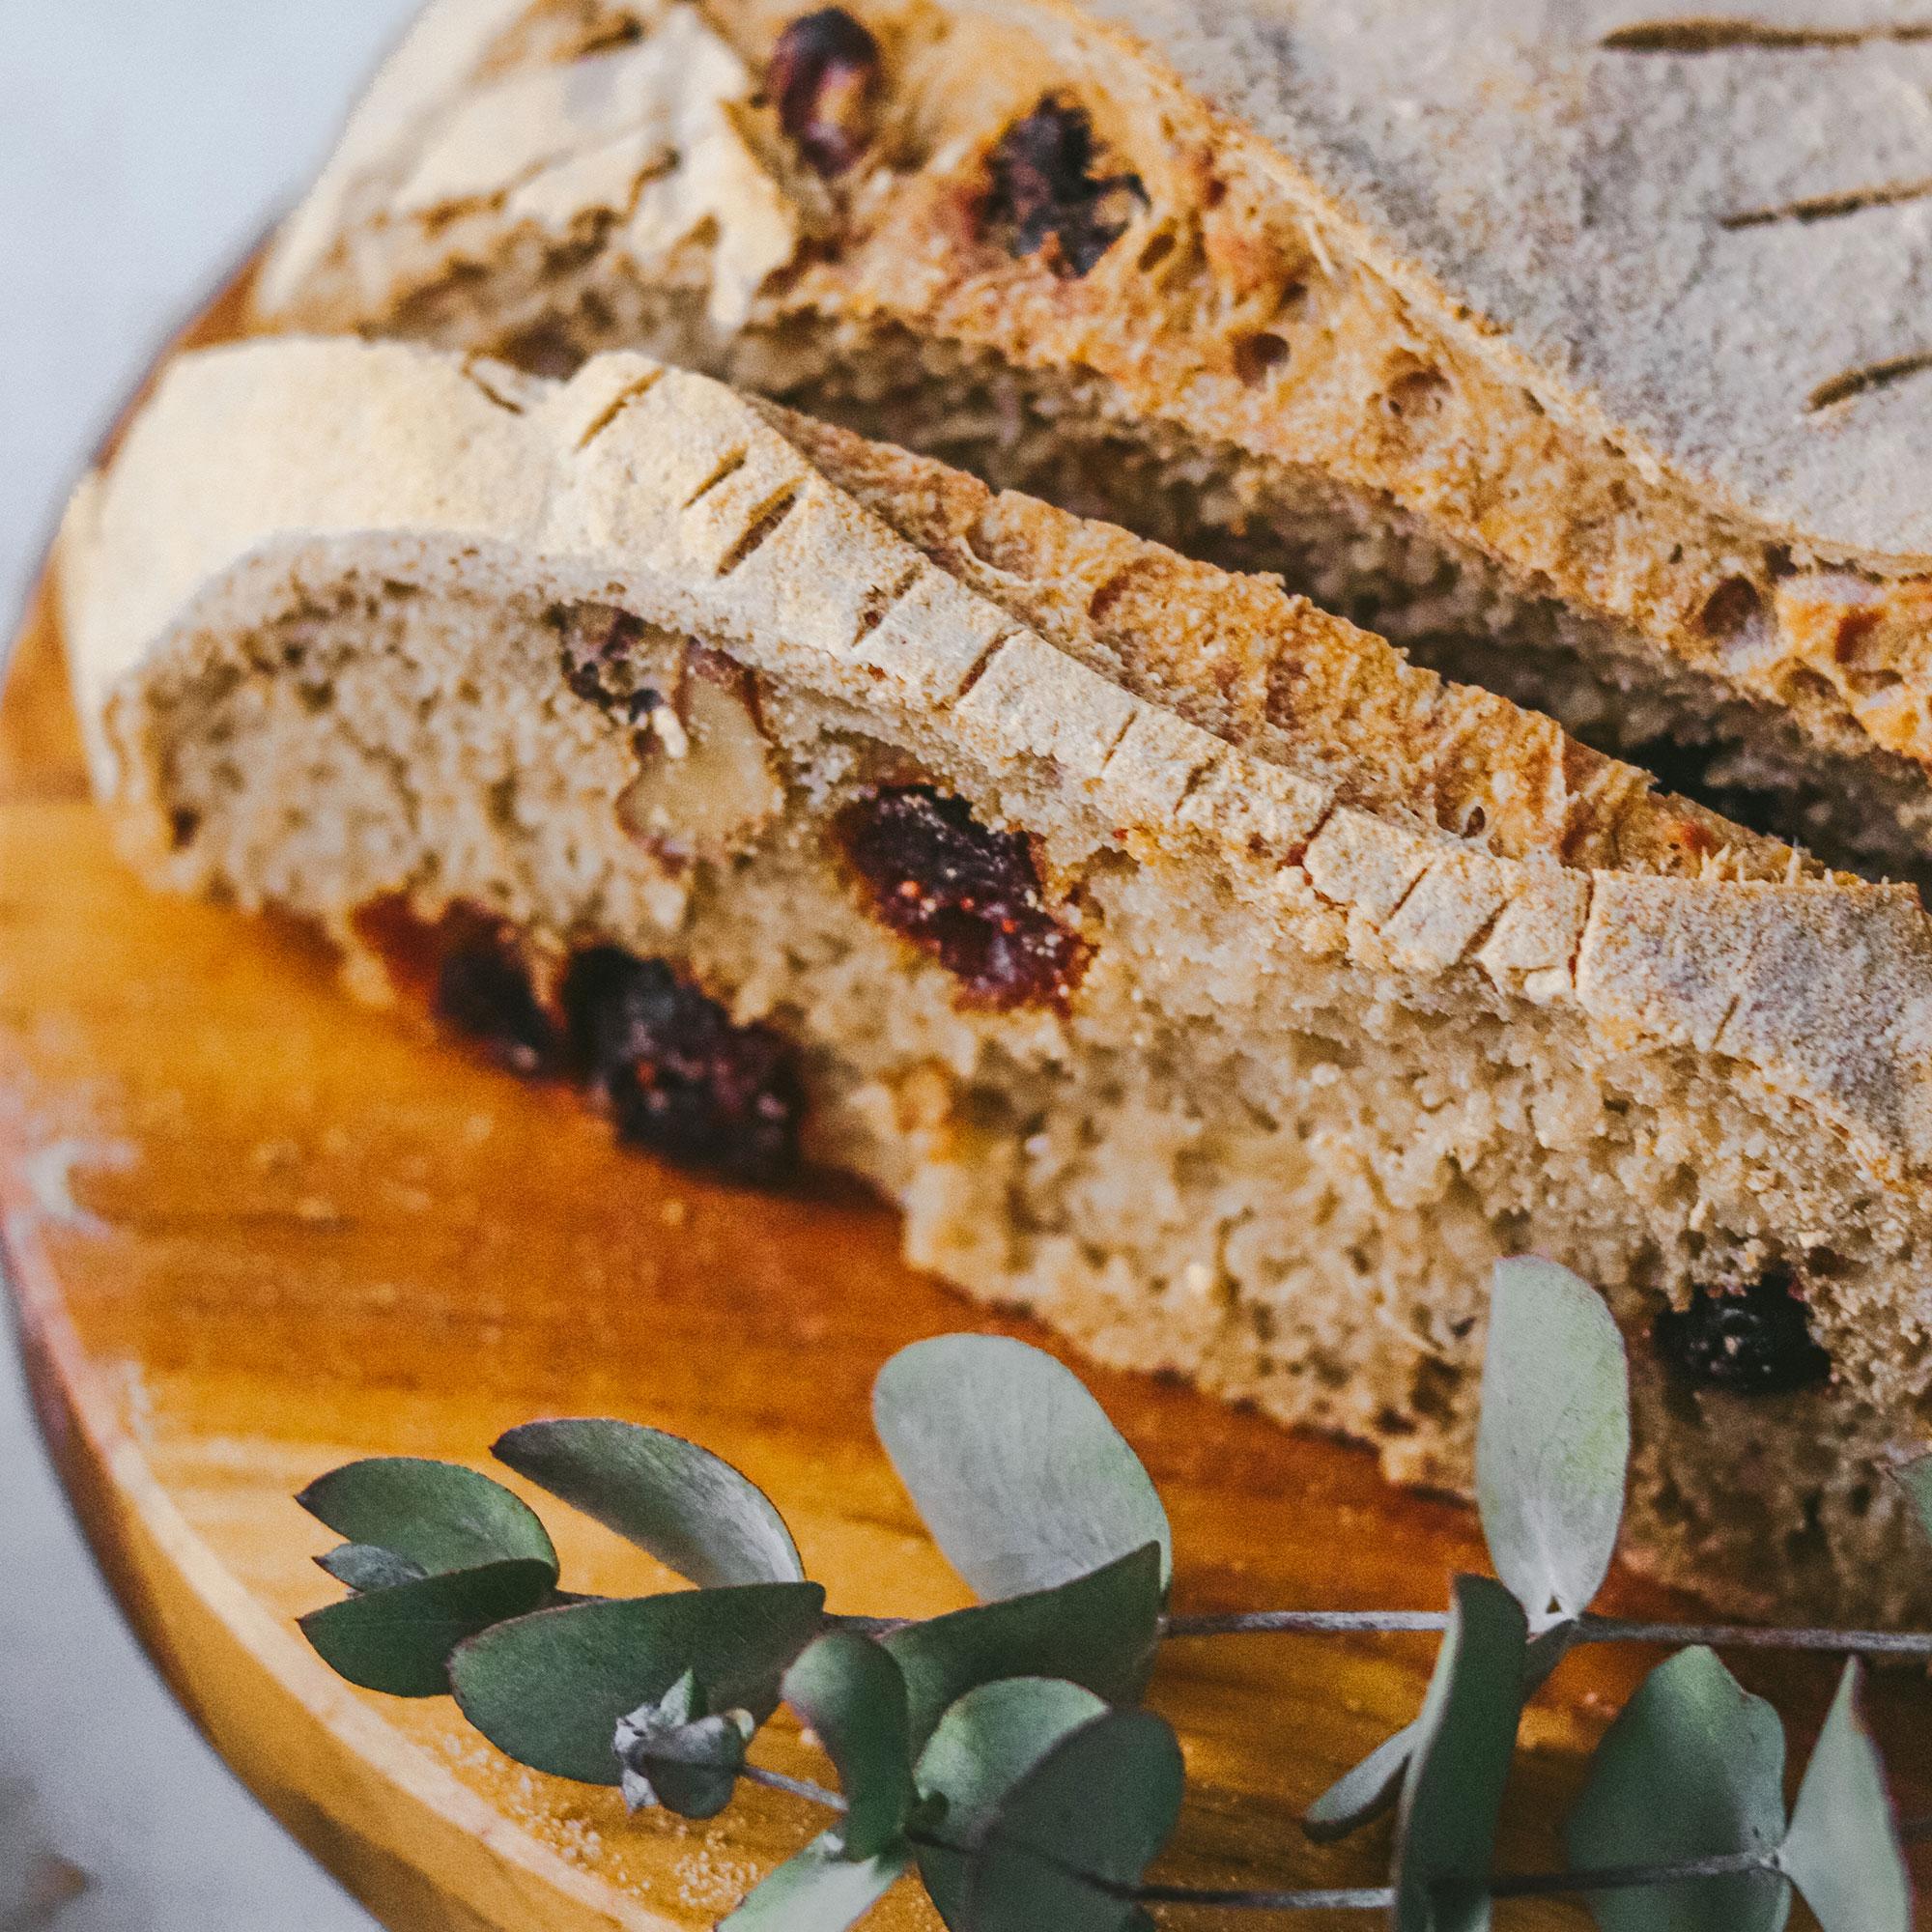 Pan sin gluten con arándanos y nueces